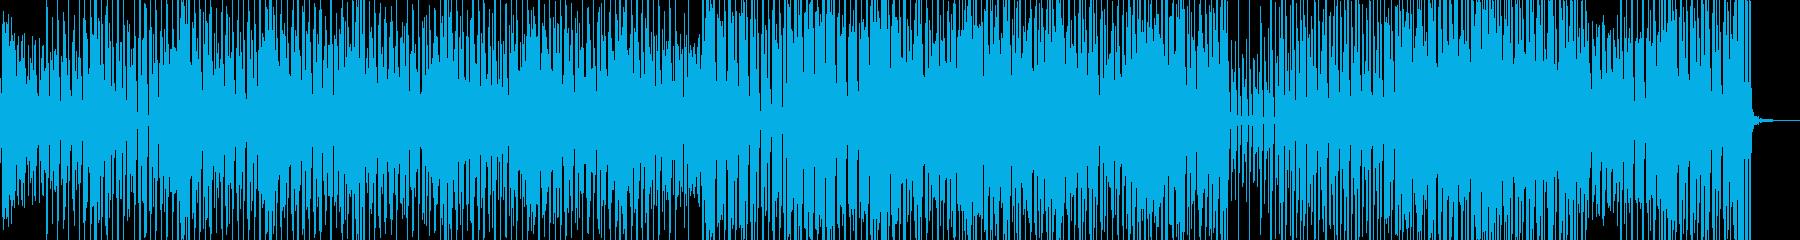 野蛮なリズムとメロディ・クラブテクノ Aの再生済みの波形